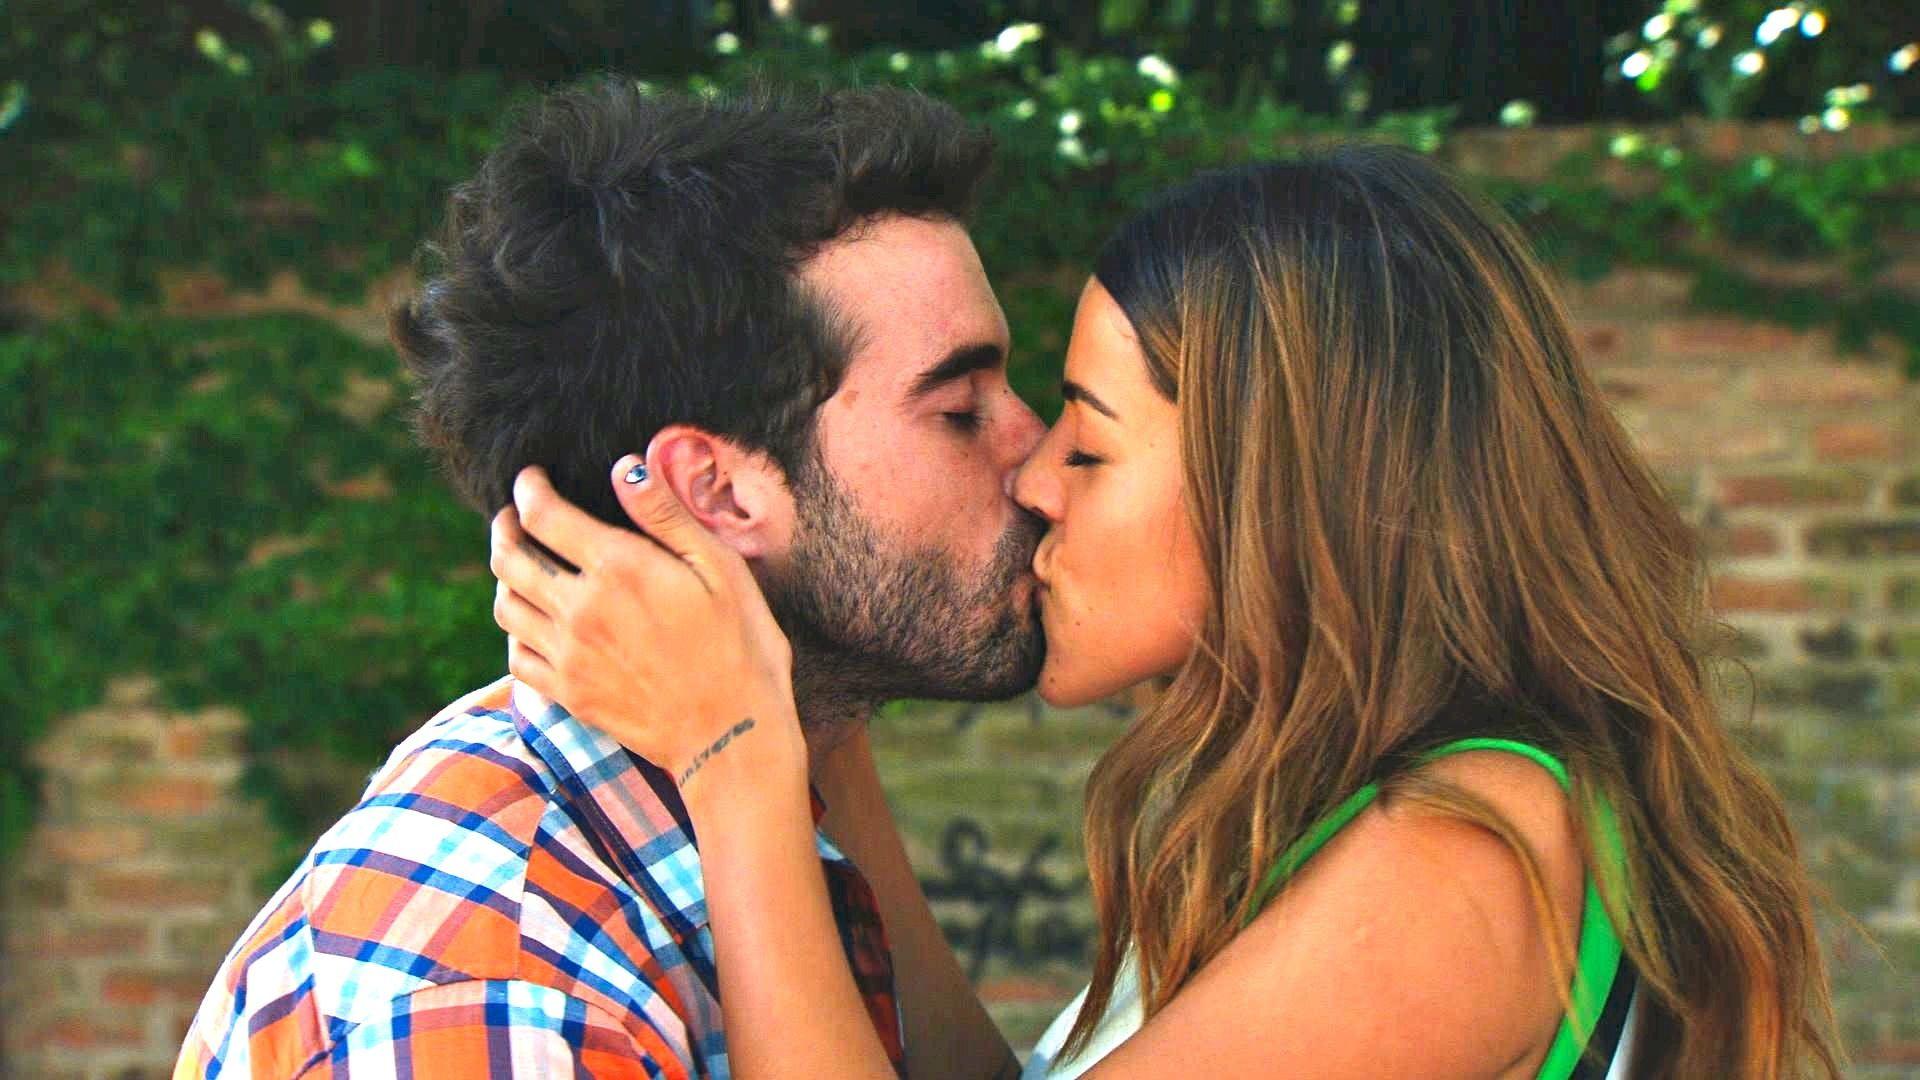 El beso de Nicolás Cabré y Calu Rivero en Mis amigos de siempre